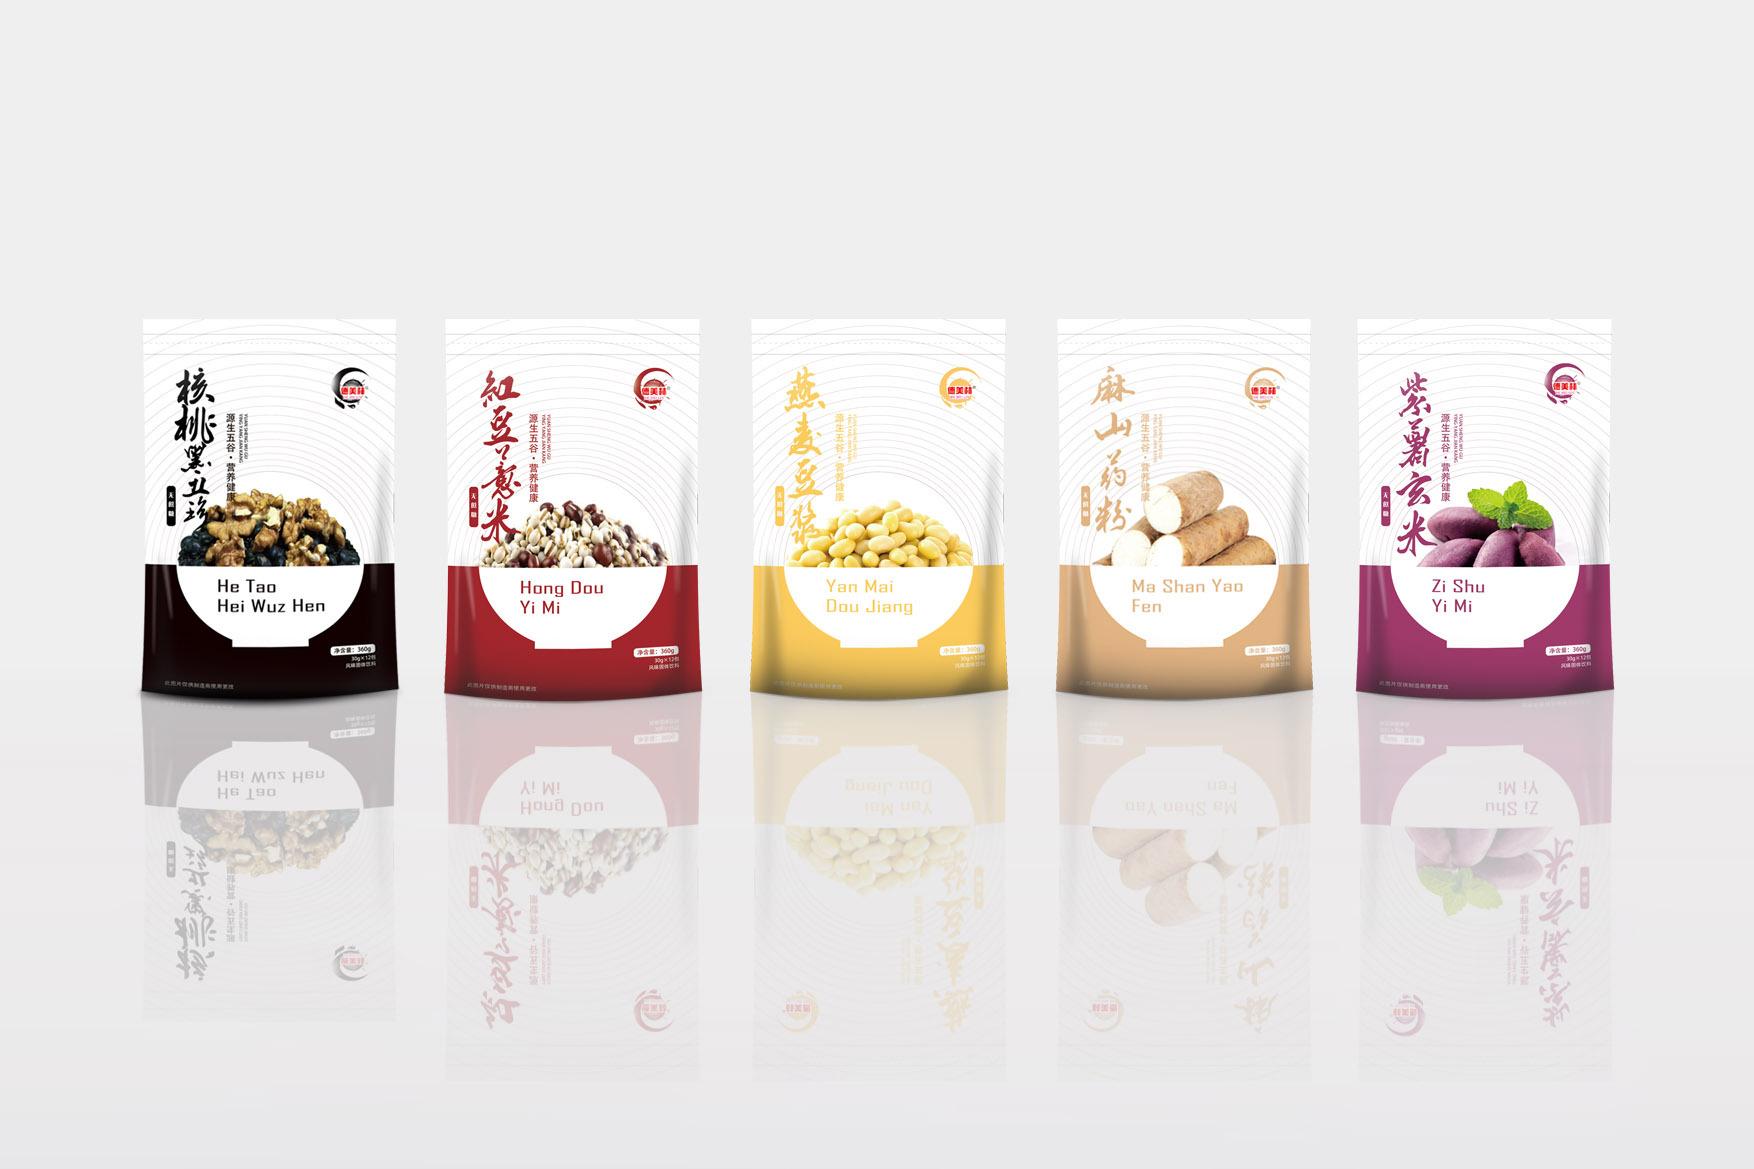 五谷杂粮粉包装【郭设计】【尔闻墨间】古迪室内装修设计图片